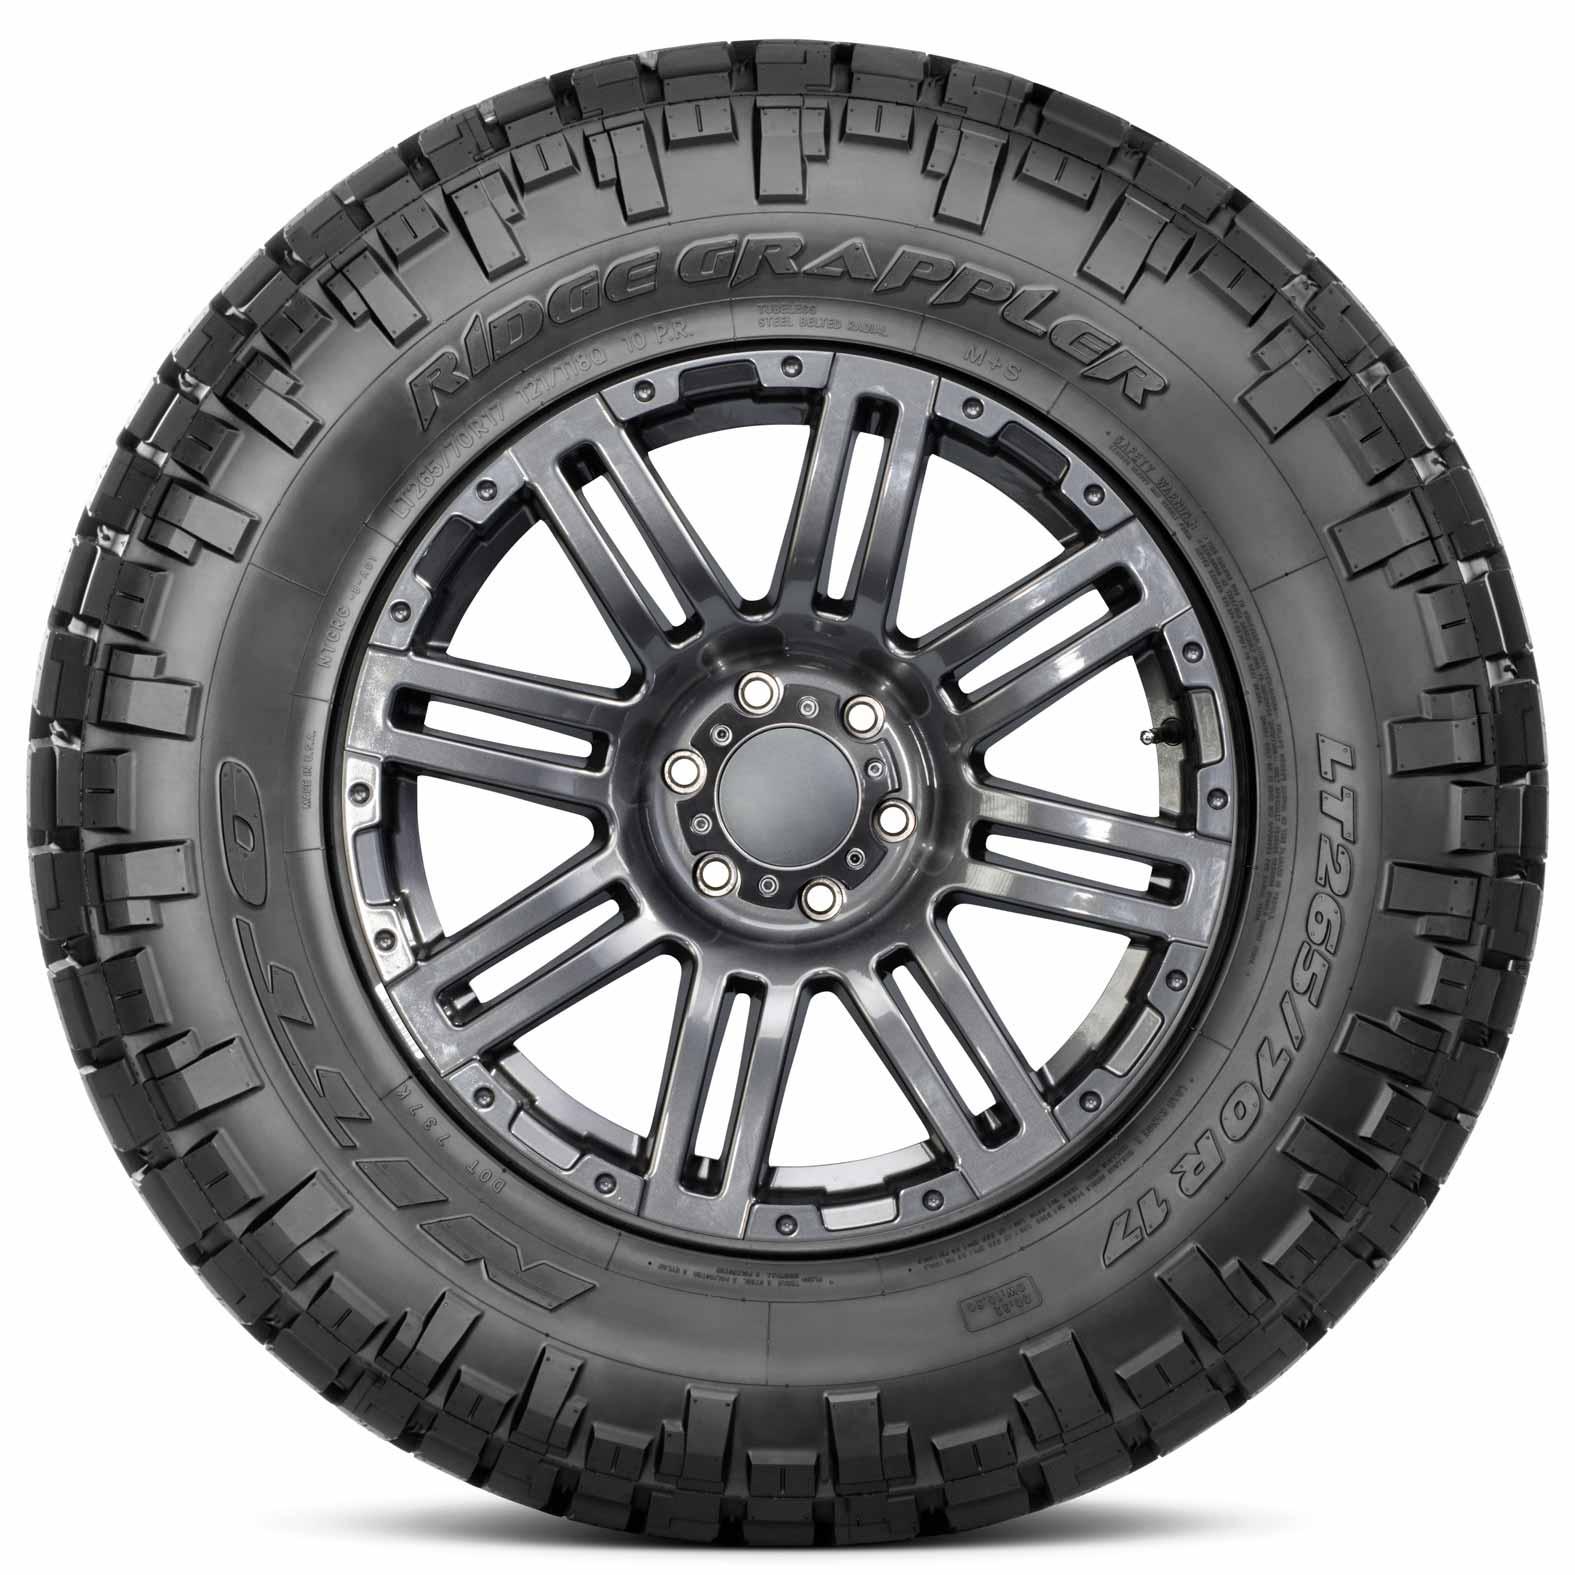 Nitto Ridge Grappler Sizes >> Nitto Ridge Grappler Tires